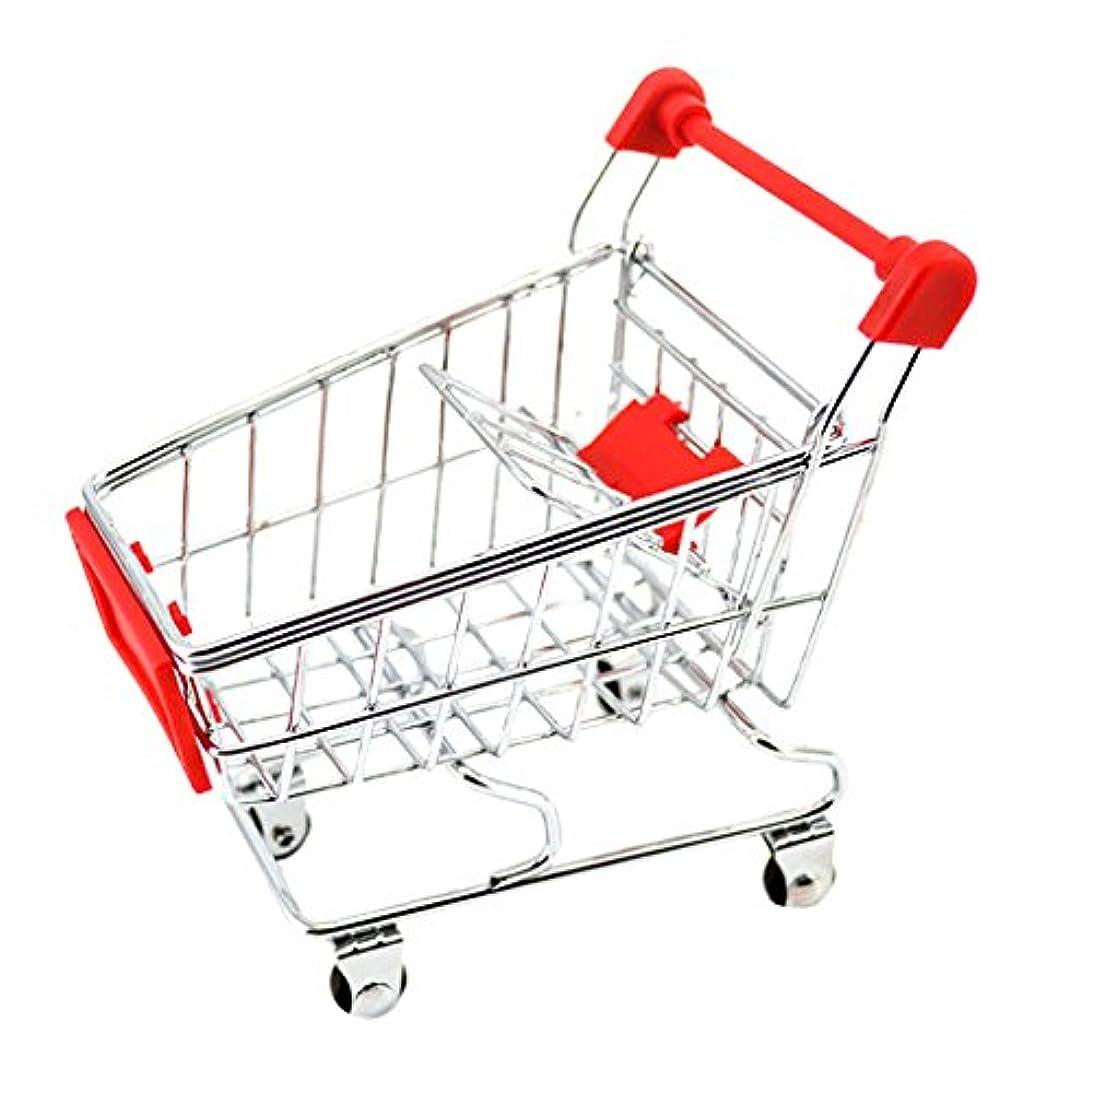 感謝会う粘着性ミニ ショッピングカート お買い物カート トロリー おもちゃ ままごと 約12×8.5× 11cm 全9色 - レッド